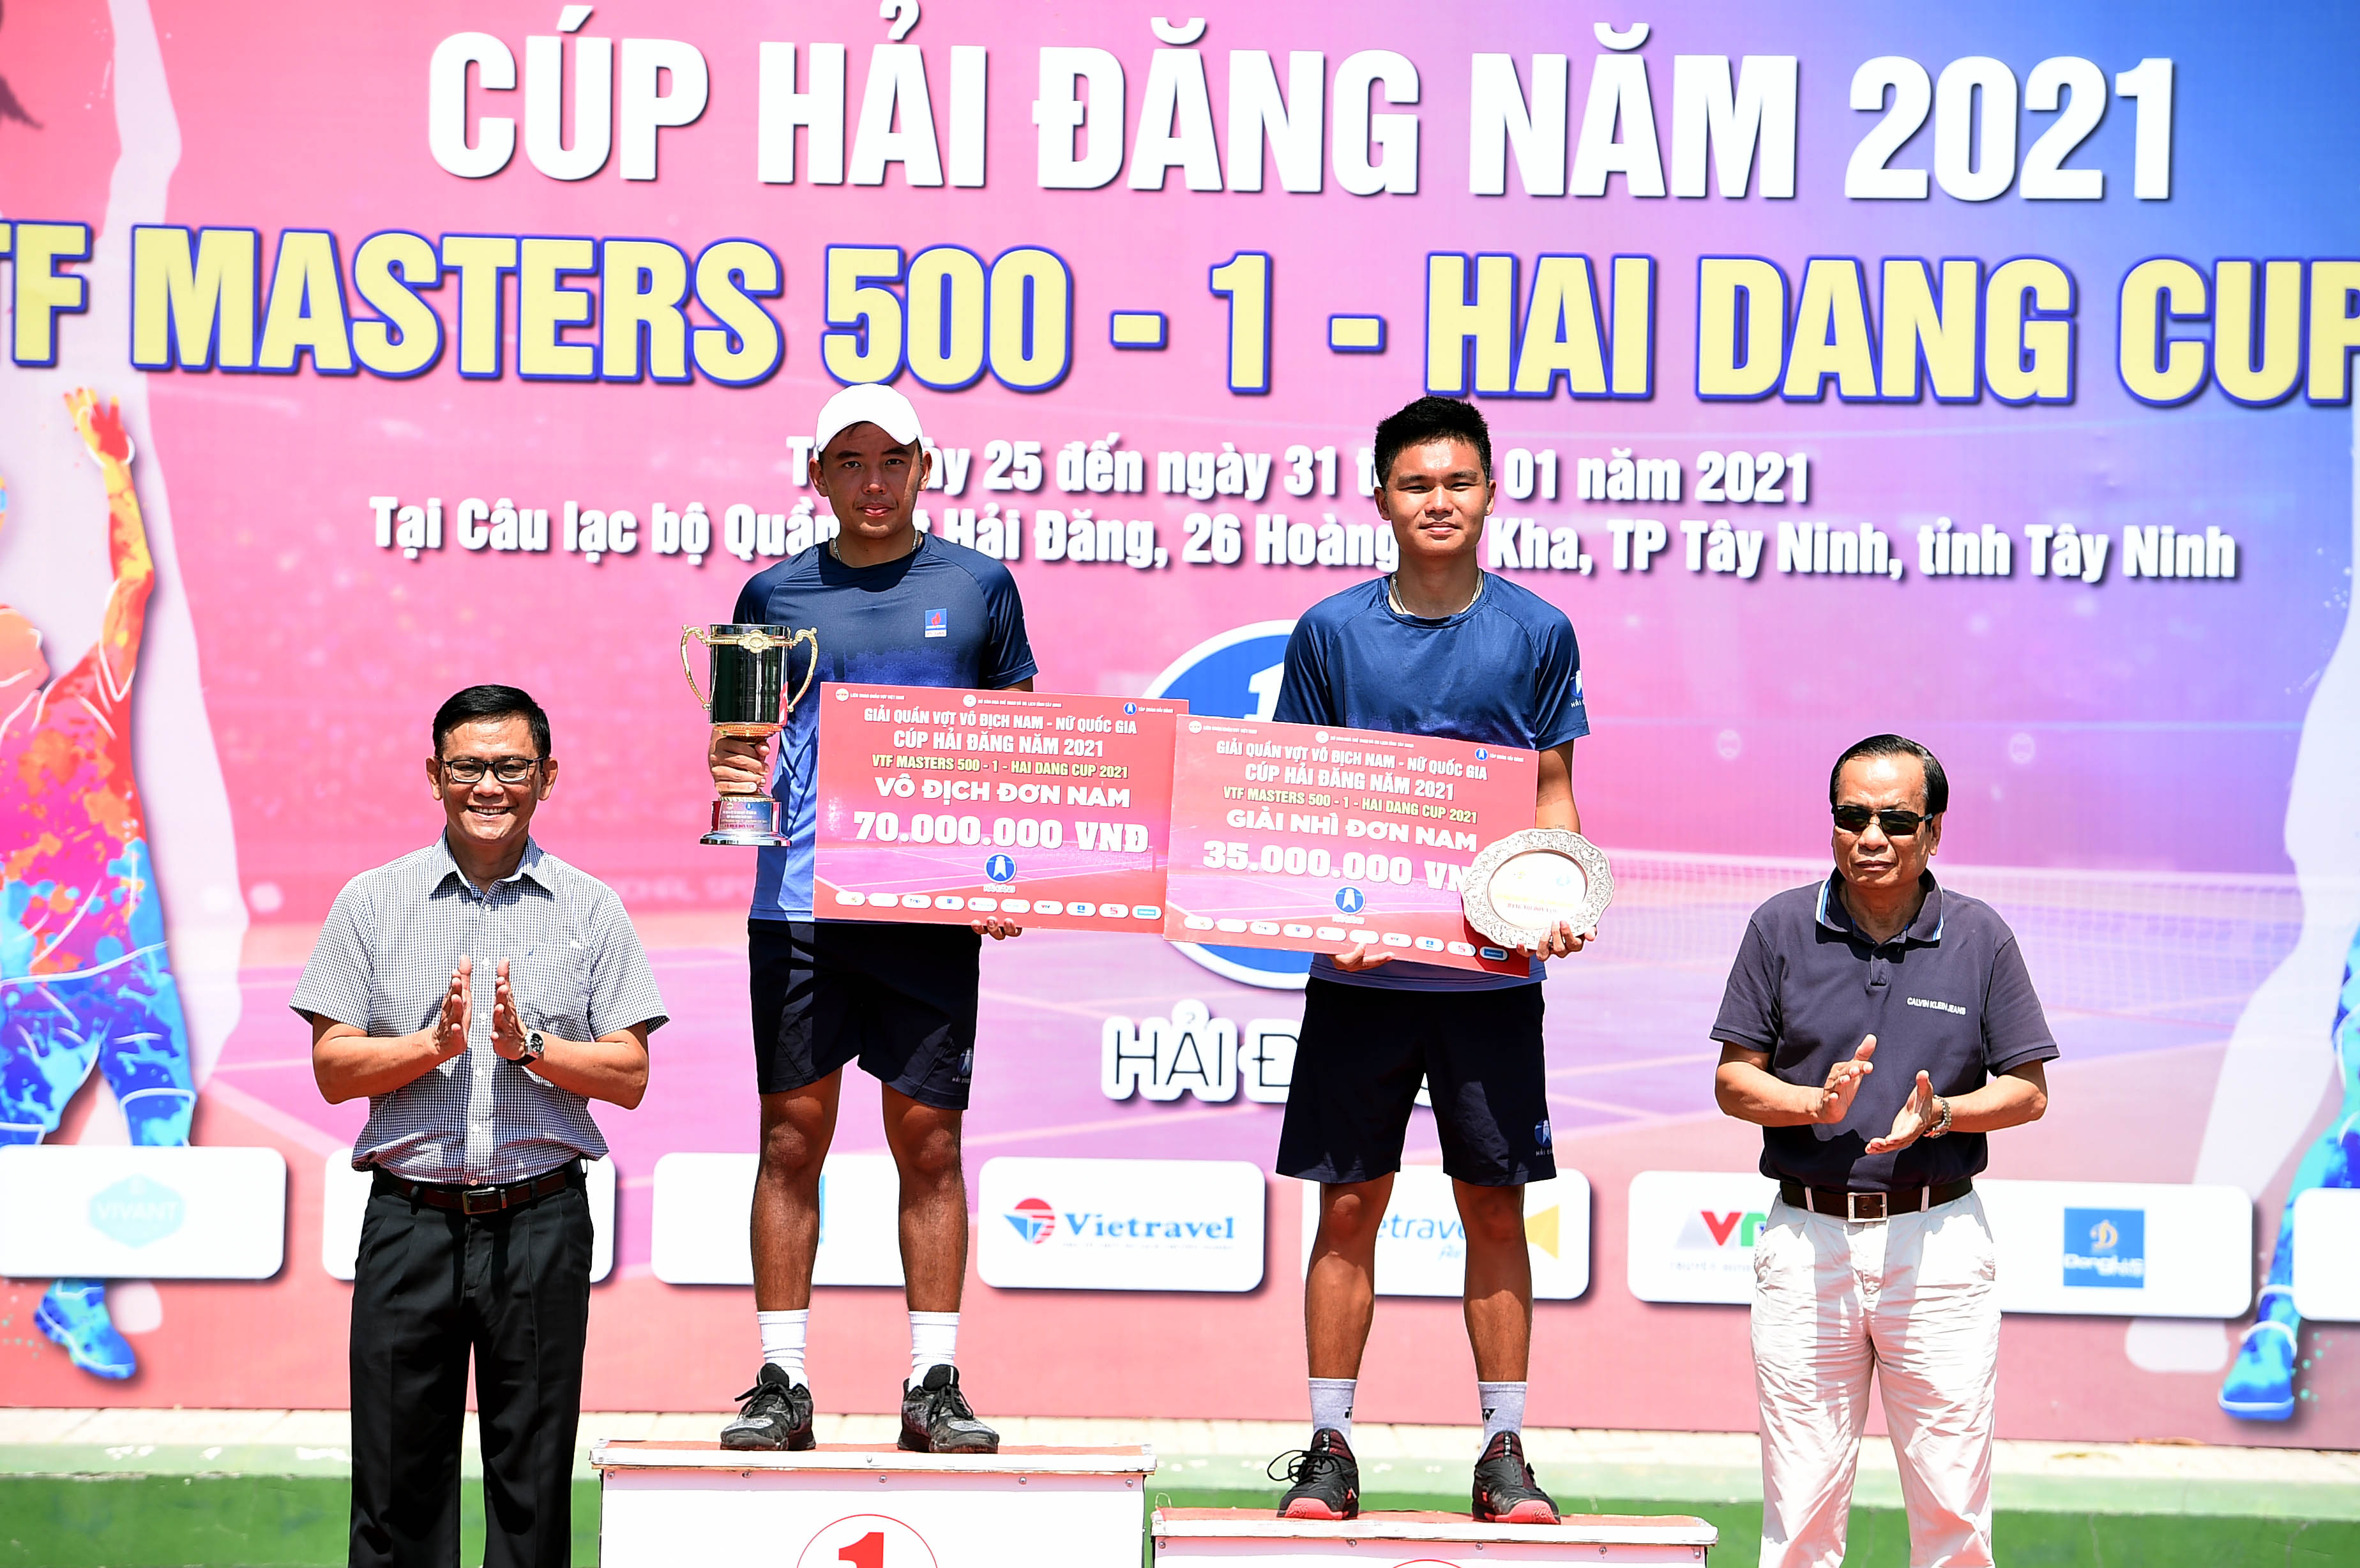 Hình ảnh: Hoàng Nam giành cú đúp vô địch VTF Masters 500 – 1 – Hai Dang Cup 2021 số 3